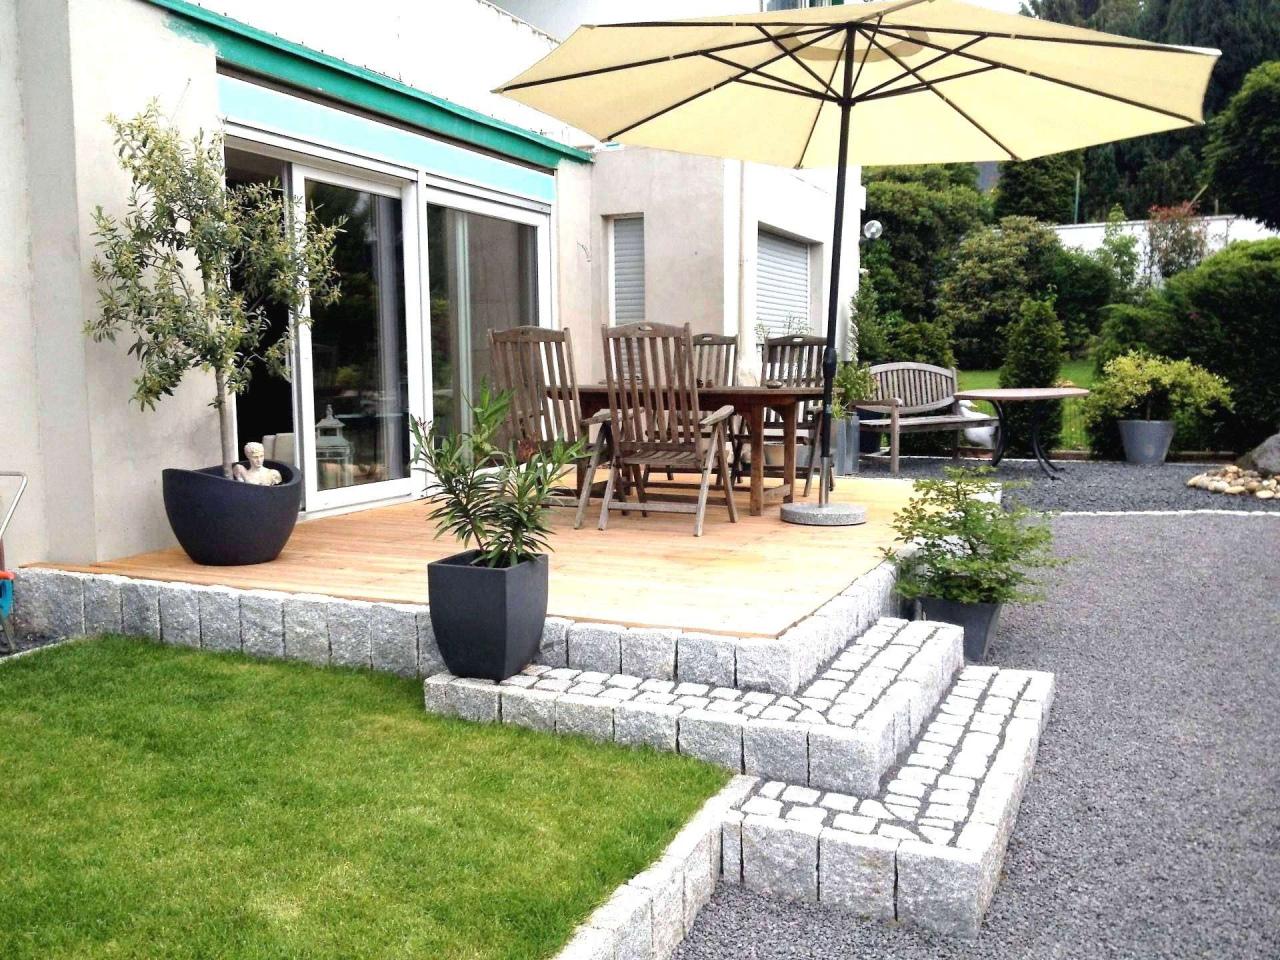 bamboo patio shades 38 schon balkon garten ideen durch bamboo patio shades